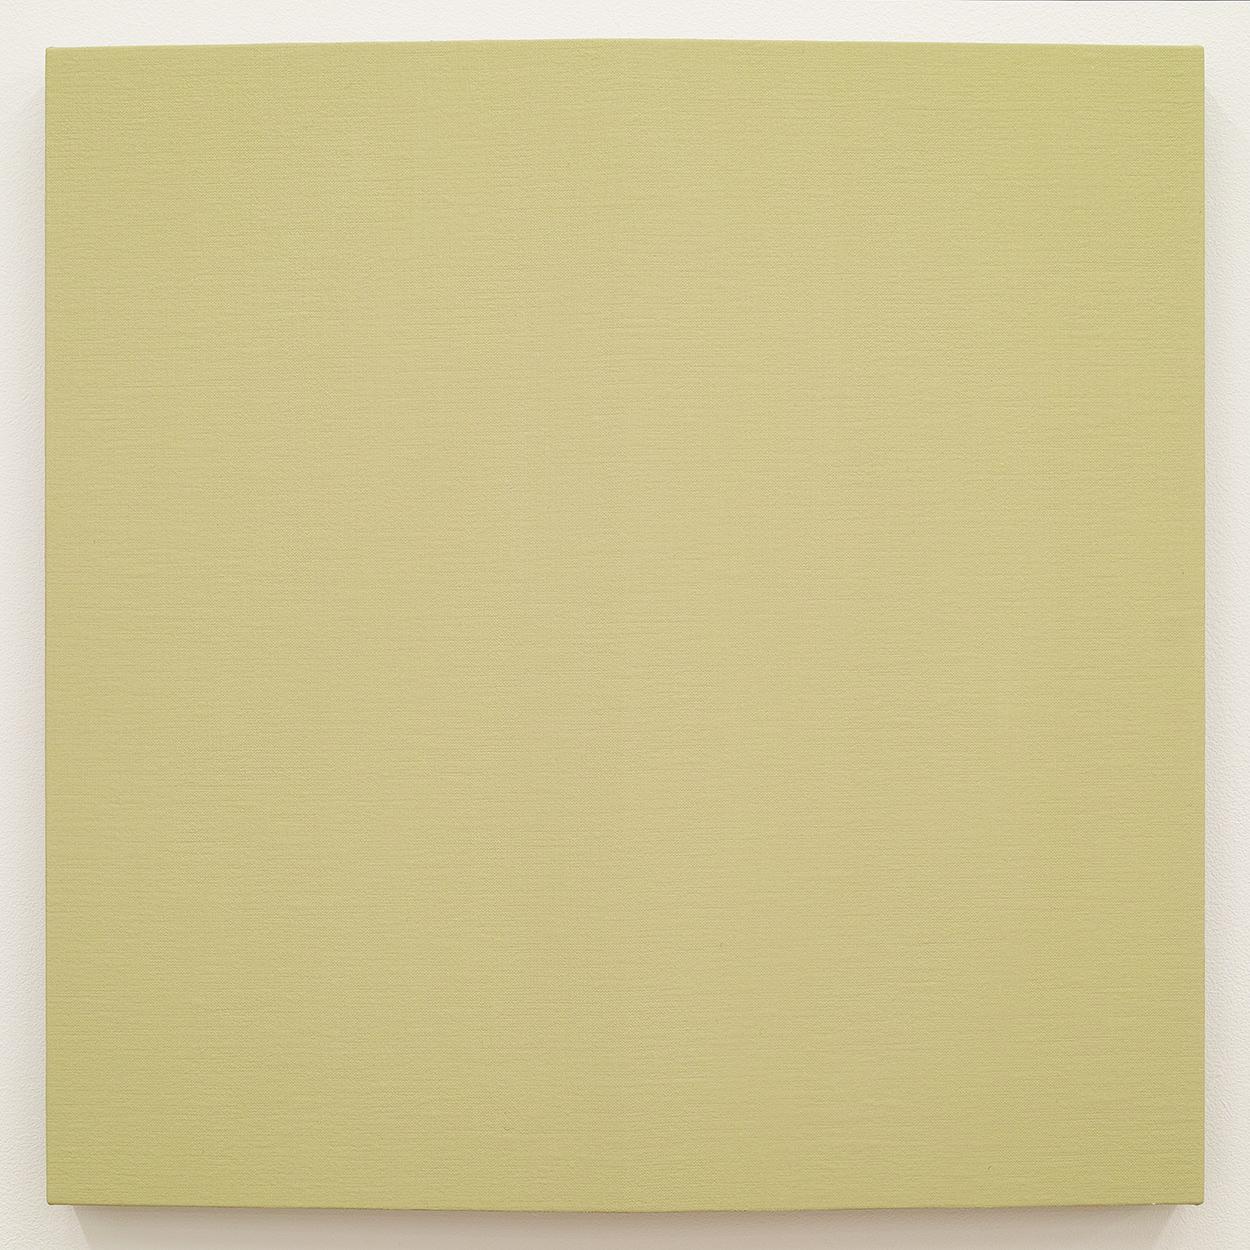 TS0917|Colour gesso|30 x 30 cm|2009